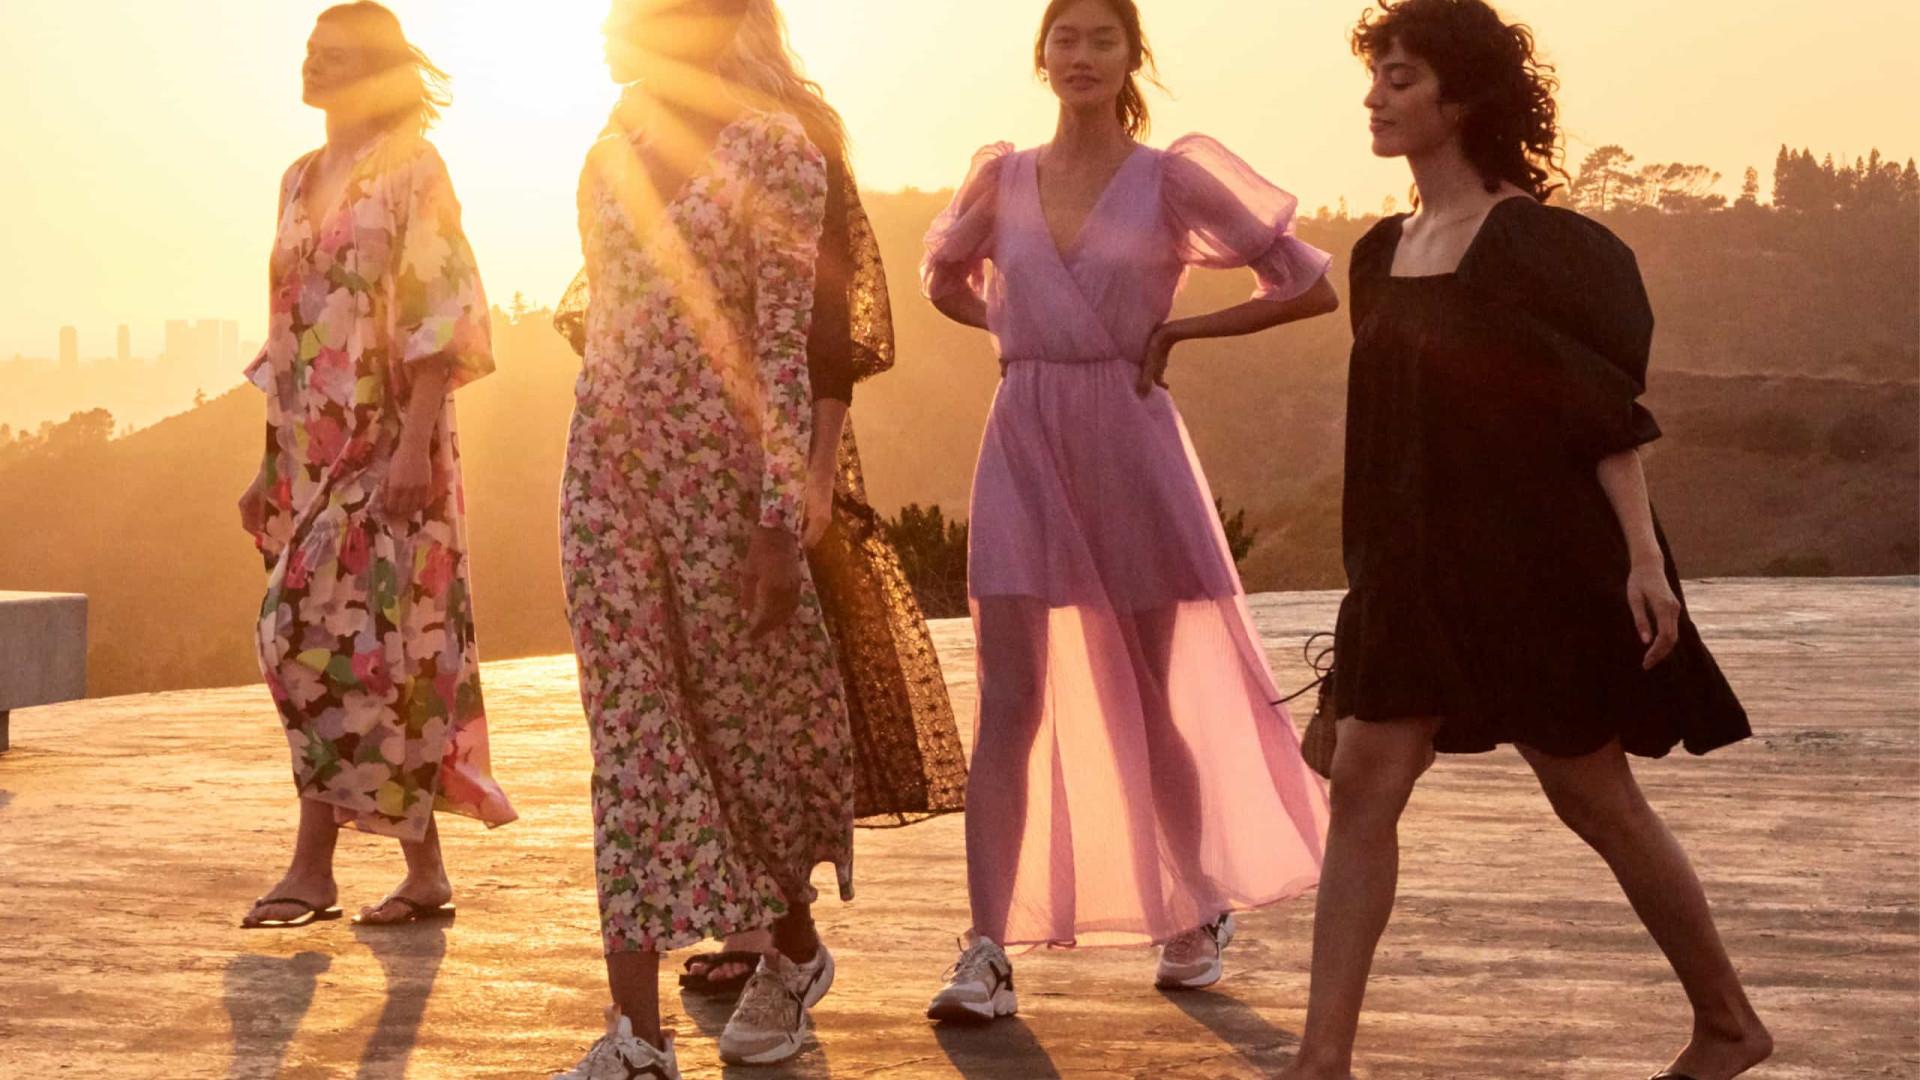 Sonhos de dias de verão: H&M lança vestidos com materiais reciclados